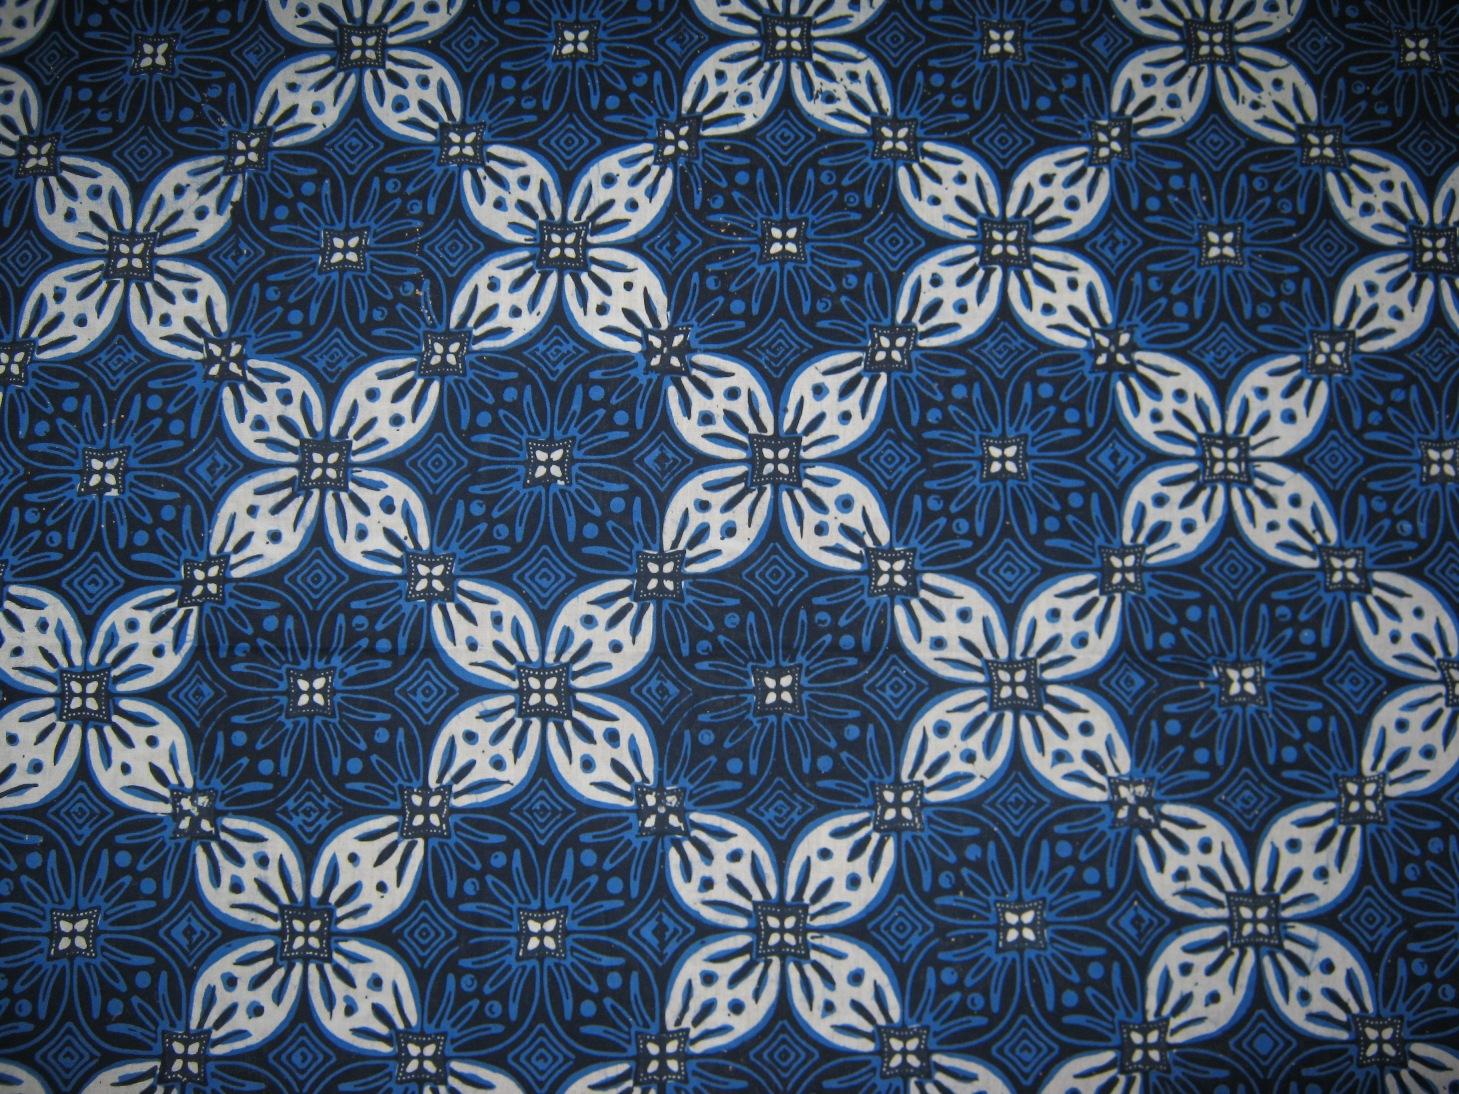 Contoh Gambar Batik Indah Merry Ci